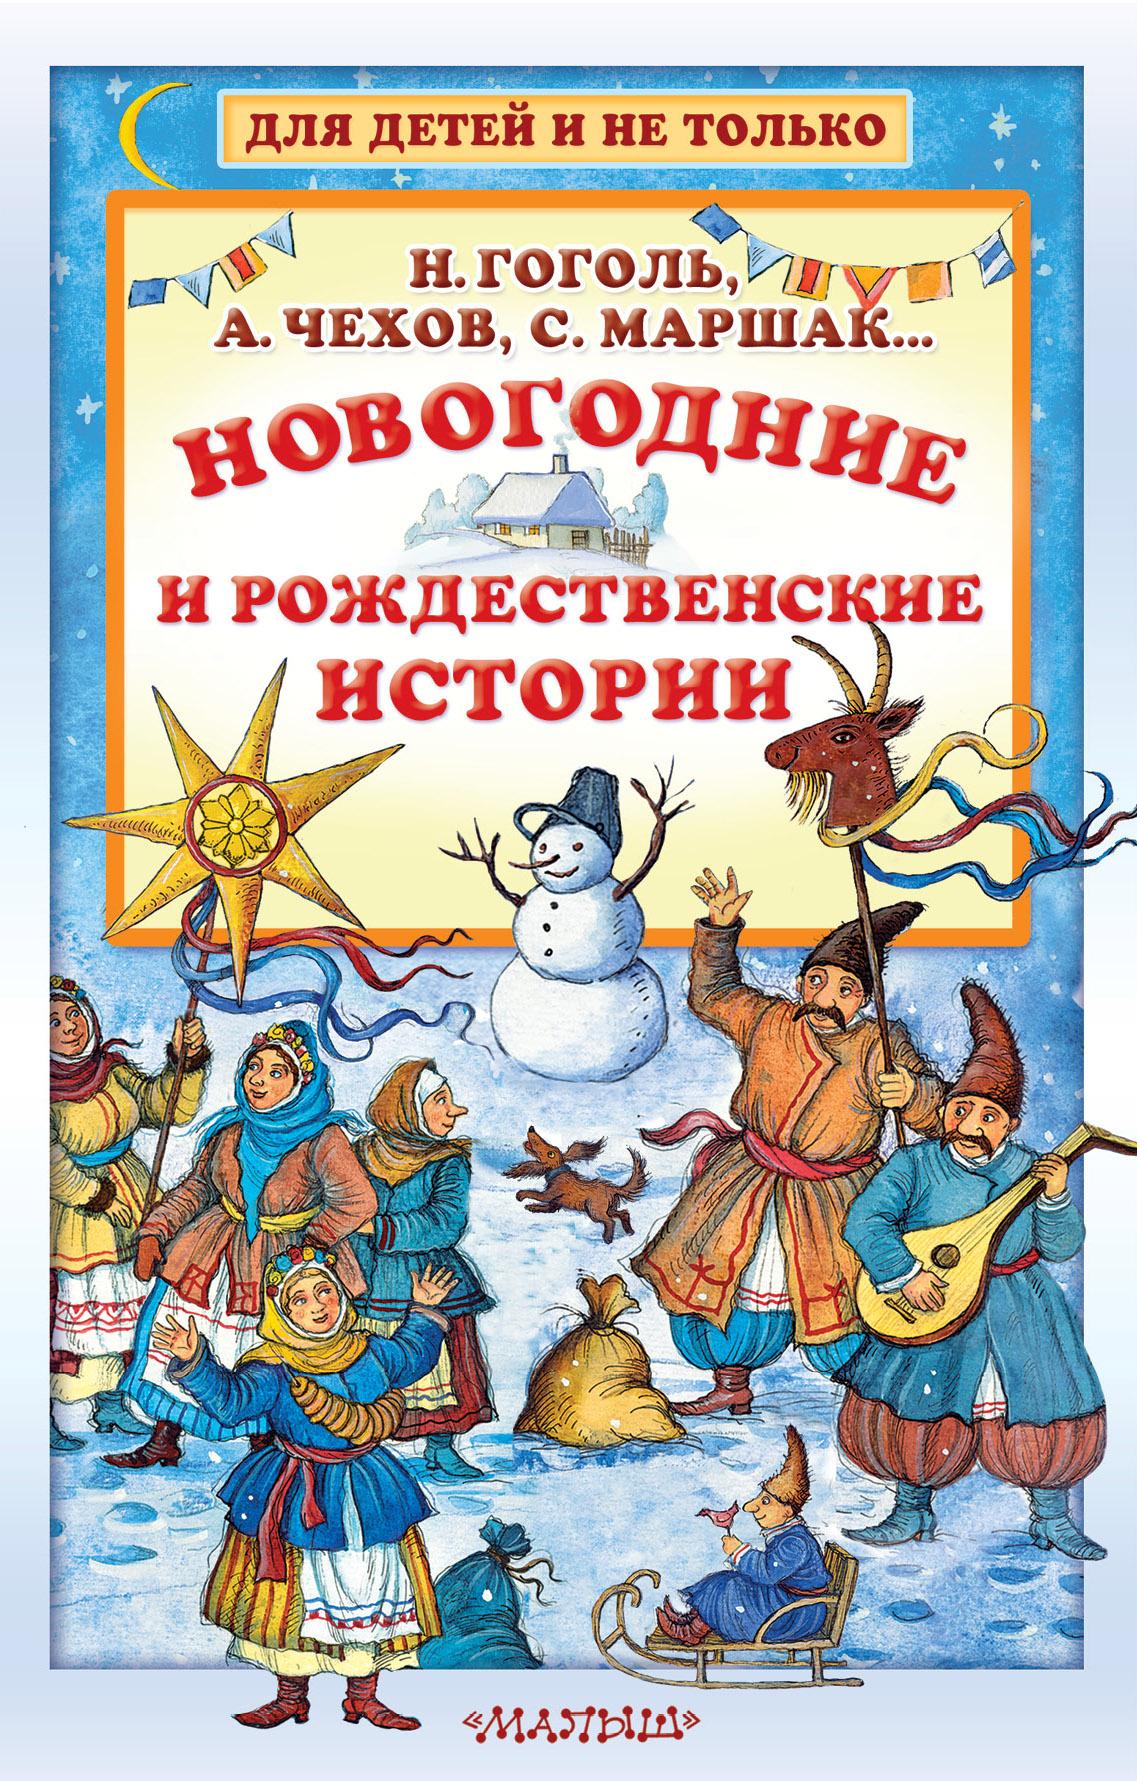 Маршак Самуил Яковлевич Новогодние и рождественские истории